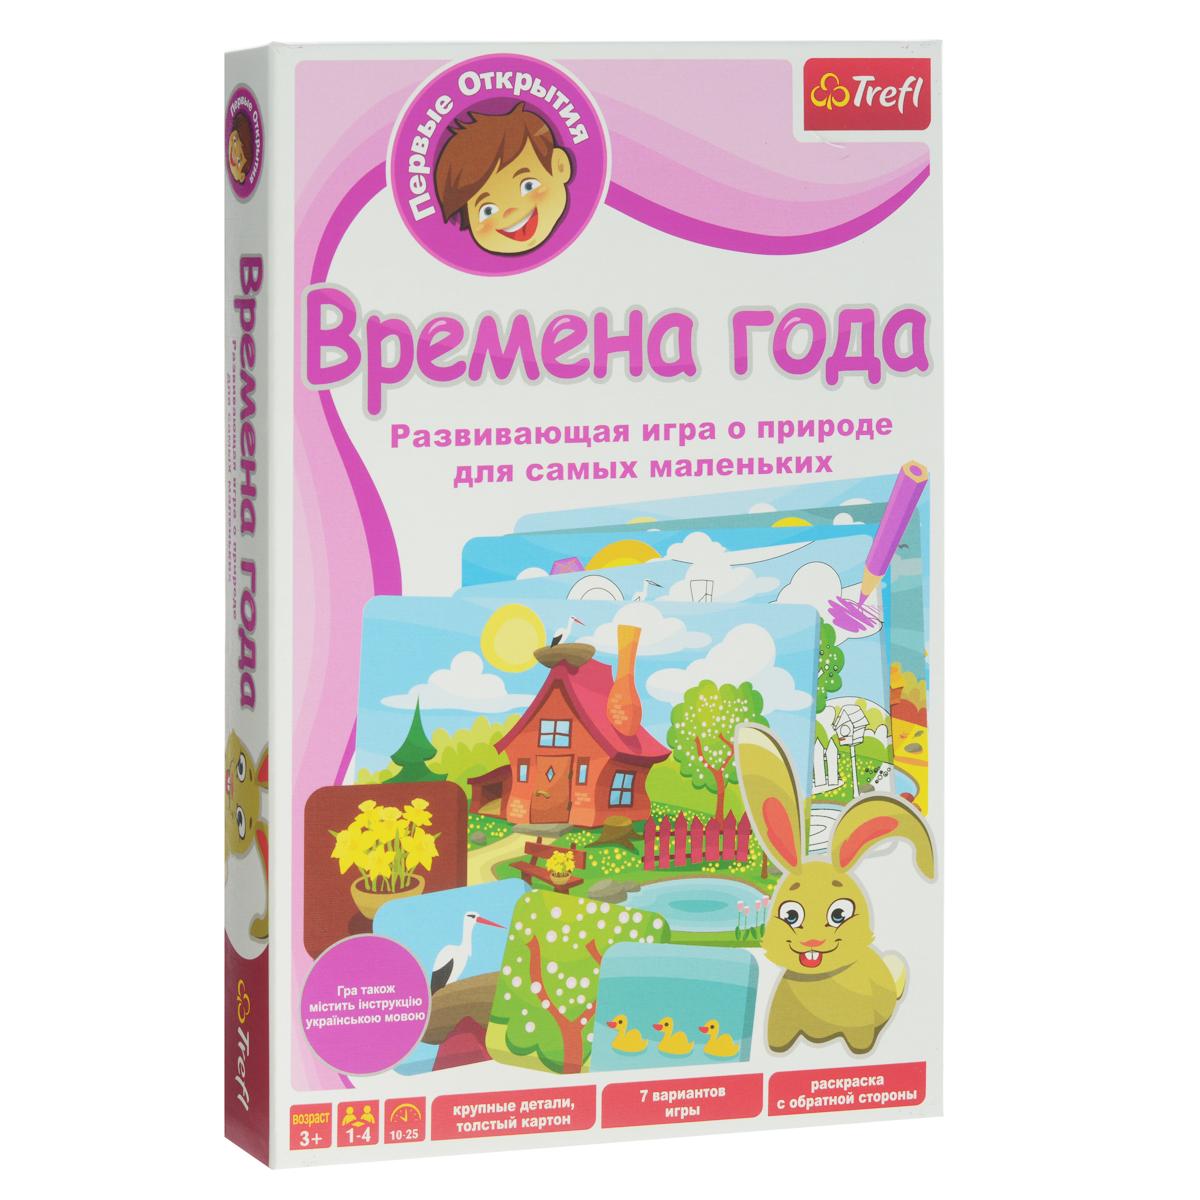 Развивающая игра Trefl Времена года01104TРазвивающая игра Trefl Времена года - это увлекательная игра для малышей от 3 лет, которая поможет пополнить свой багаж знаний о лете, осени, зиме и весне, узнать об особенностях этих сезонов, а также приумножить словарный запас. В комплект входят 4 картинки с временами года, 24 двусторонние карточки из толстого картона и инструкция на русском языке. С одной стороны карточки - рисунок, с другой - простая картинка для раскрашивания. Таким образом, малыш сможет самостоятельно поучаствовать в создании игры. Игра предусматривает 7 различных вариантов, описанных в инструкции. Ребенок может играть самостоятельно, с родителями или с друзьями. Самый простой вариант игры предусматривает соотнесение маленьких карточек с картинками-пейзажами. Позже это можно делать на скорость: кто первый подобрал все нужные карточки к своему времени года - победитель. А еще можно придумывать истории про то или иное время года, раскрашивать оборотные стороны карточек, загадывать загадки и многое...